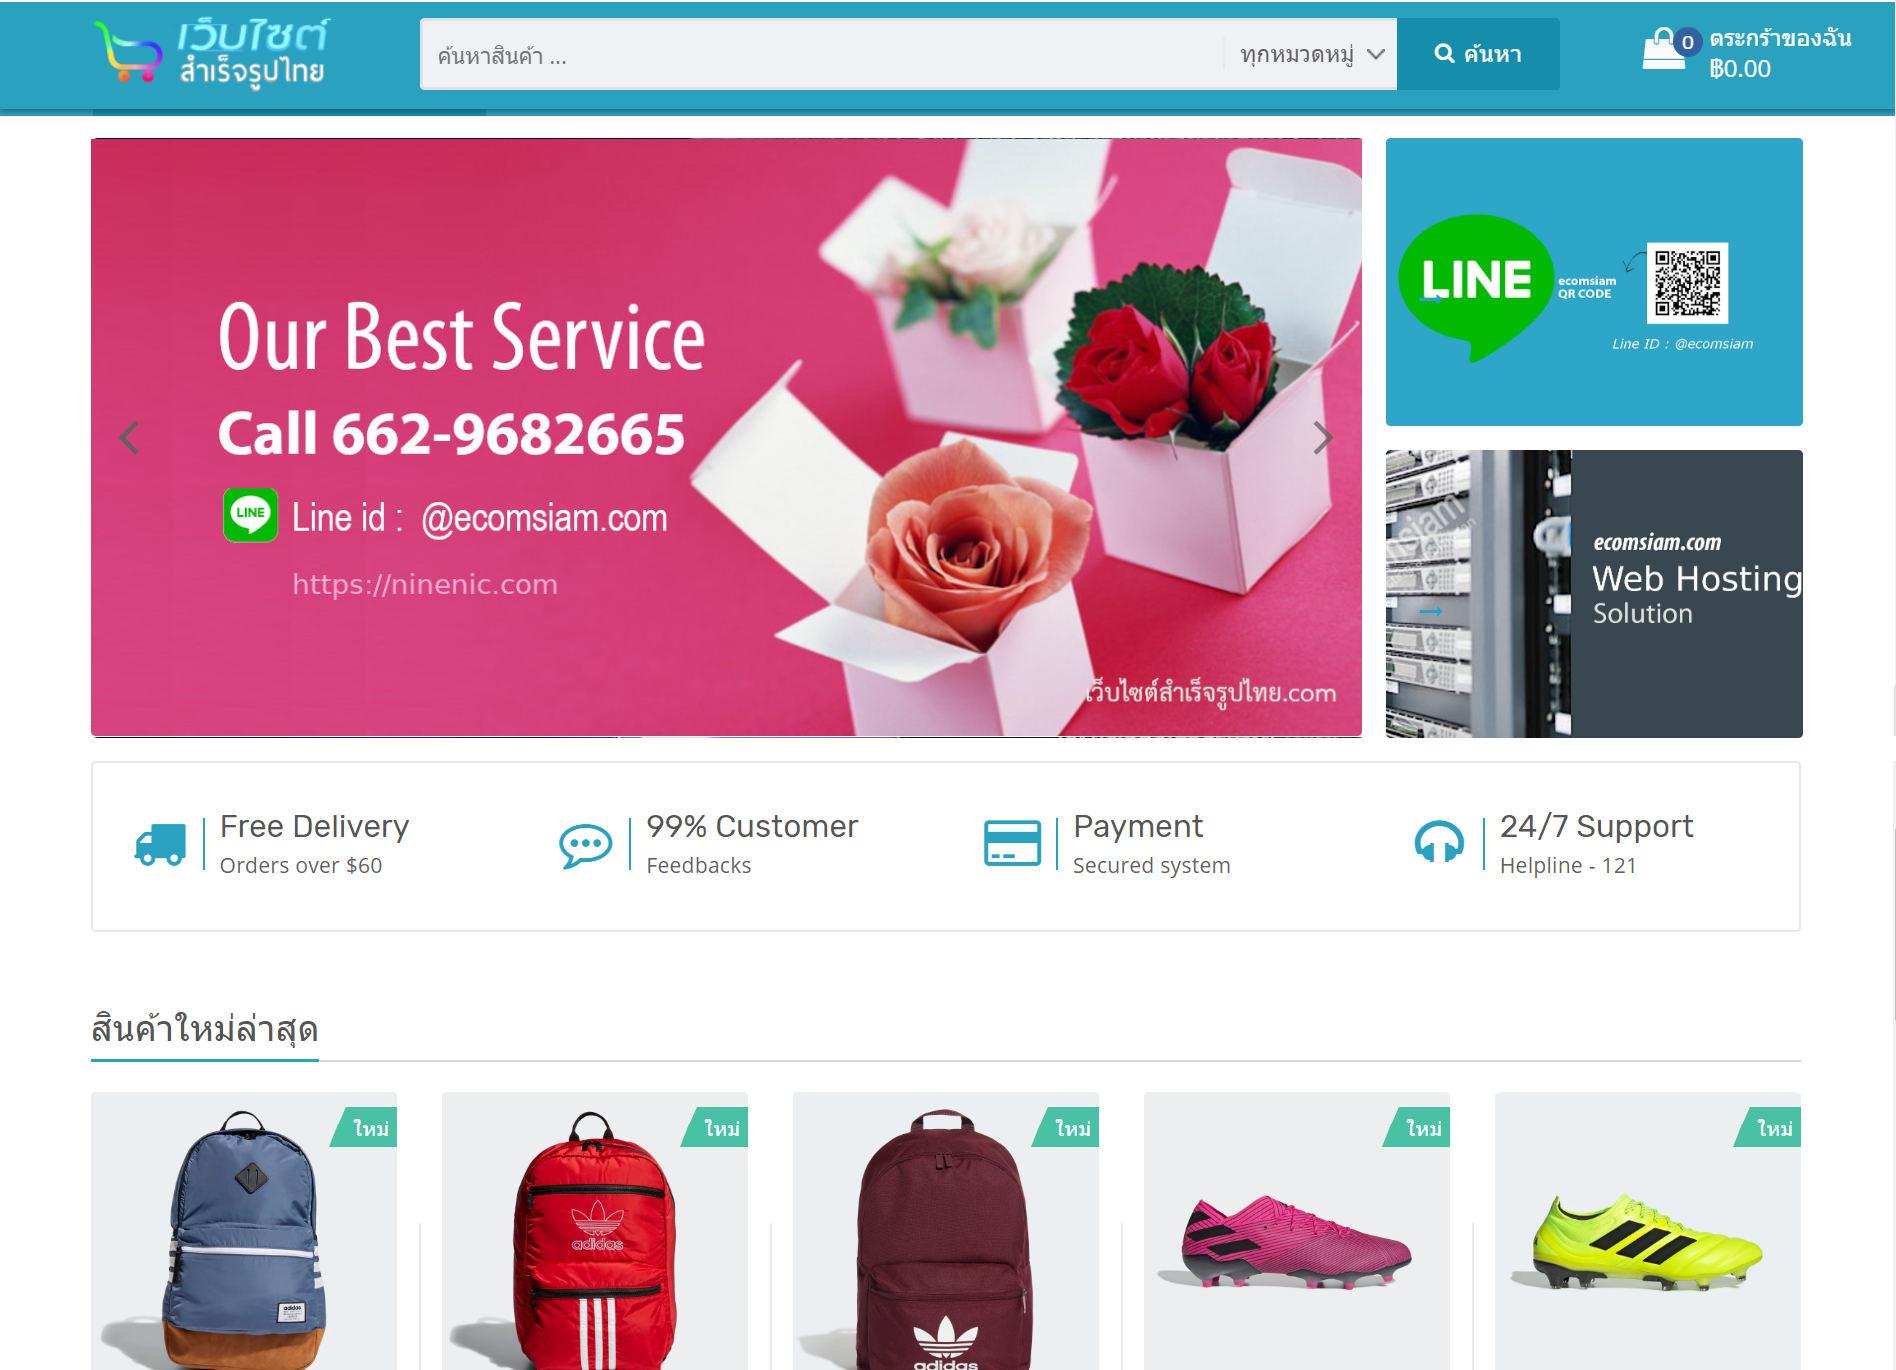 ฟีเจอร์ ecommerce ร้านออนไลน์  เว็บขายสินค้าออนไลน์ ขายของออนไลน์ - ใส่ภาพสไลด์และแบนเนอร์ บนหน้าร้านออนไลน์- เปิดร้านออนไลน์  เว็บขายสินค้าออนไลน์ ขายของออนไลน์ เว็บอีคอมเมอร์ส ด้วยเว็บไซต์สำเร็จรูป websitethailand ecommerce